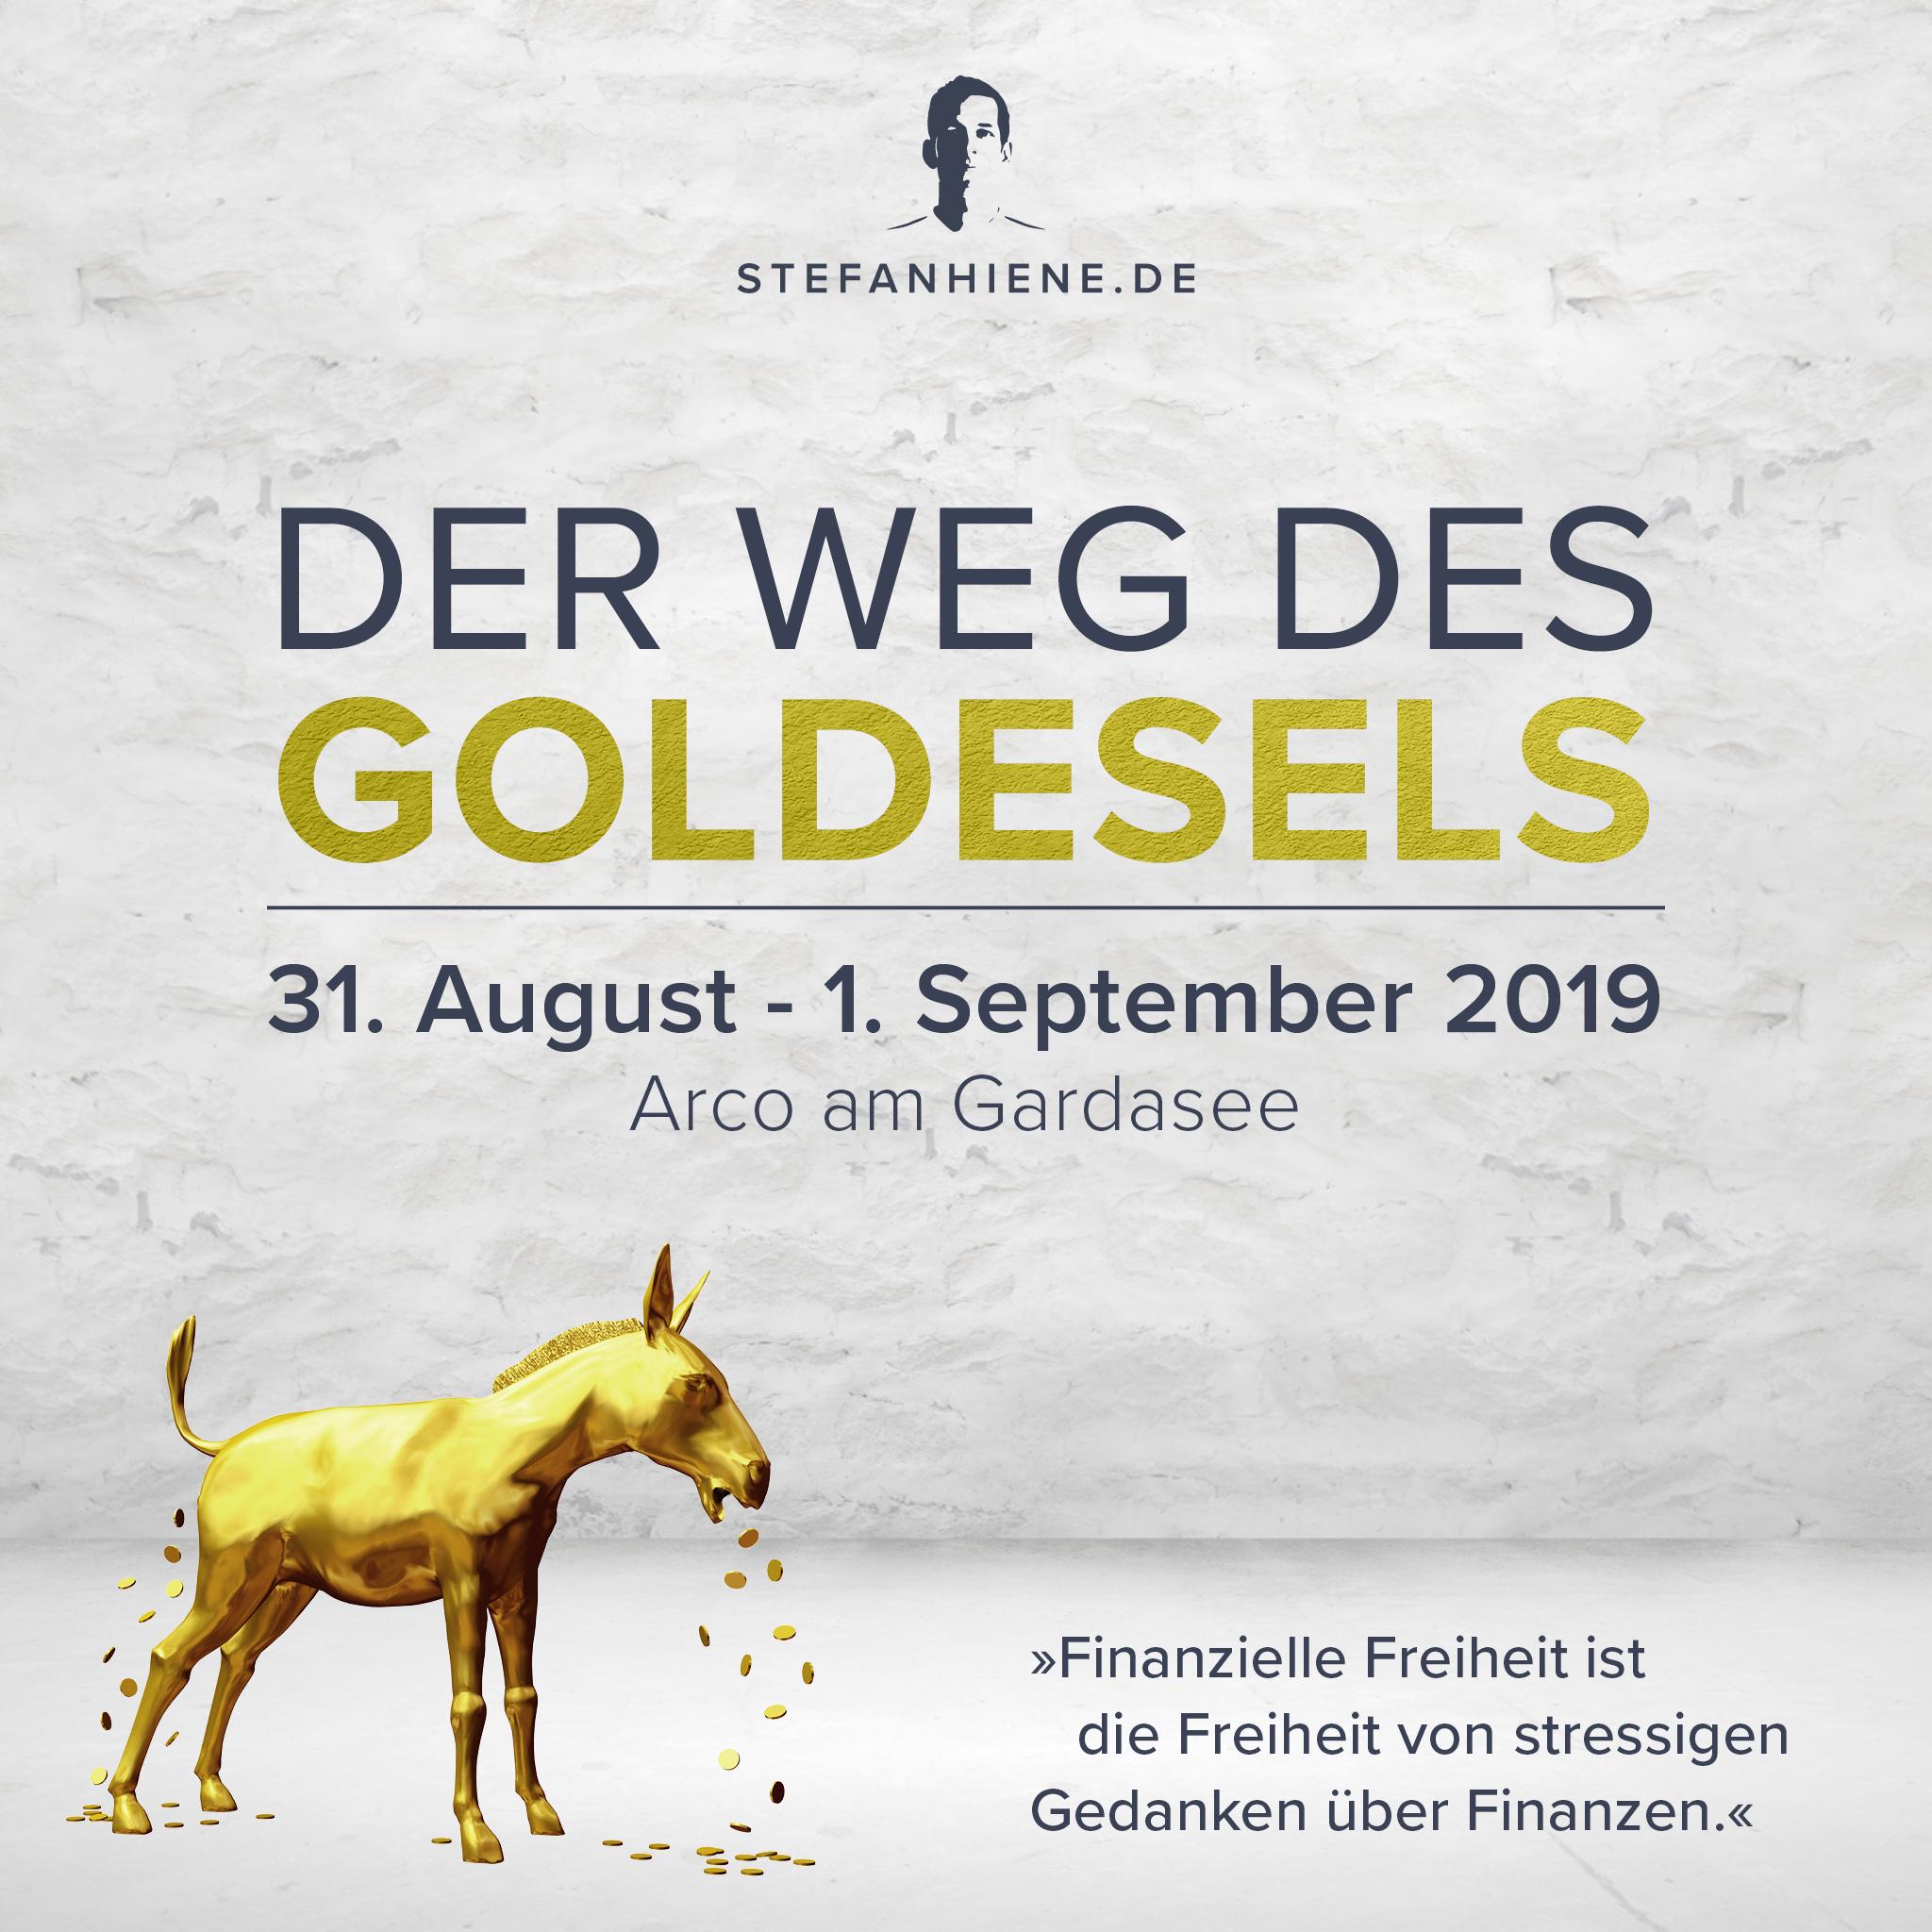 Der Weg des Goldesels